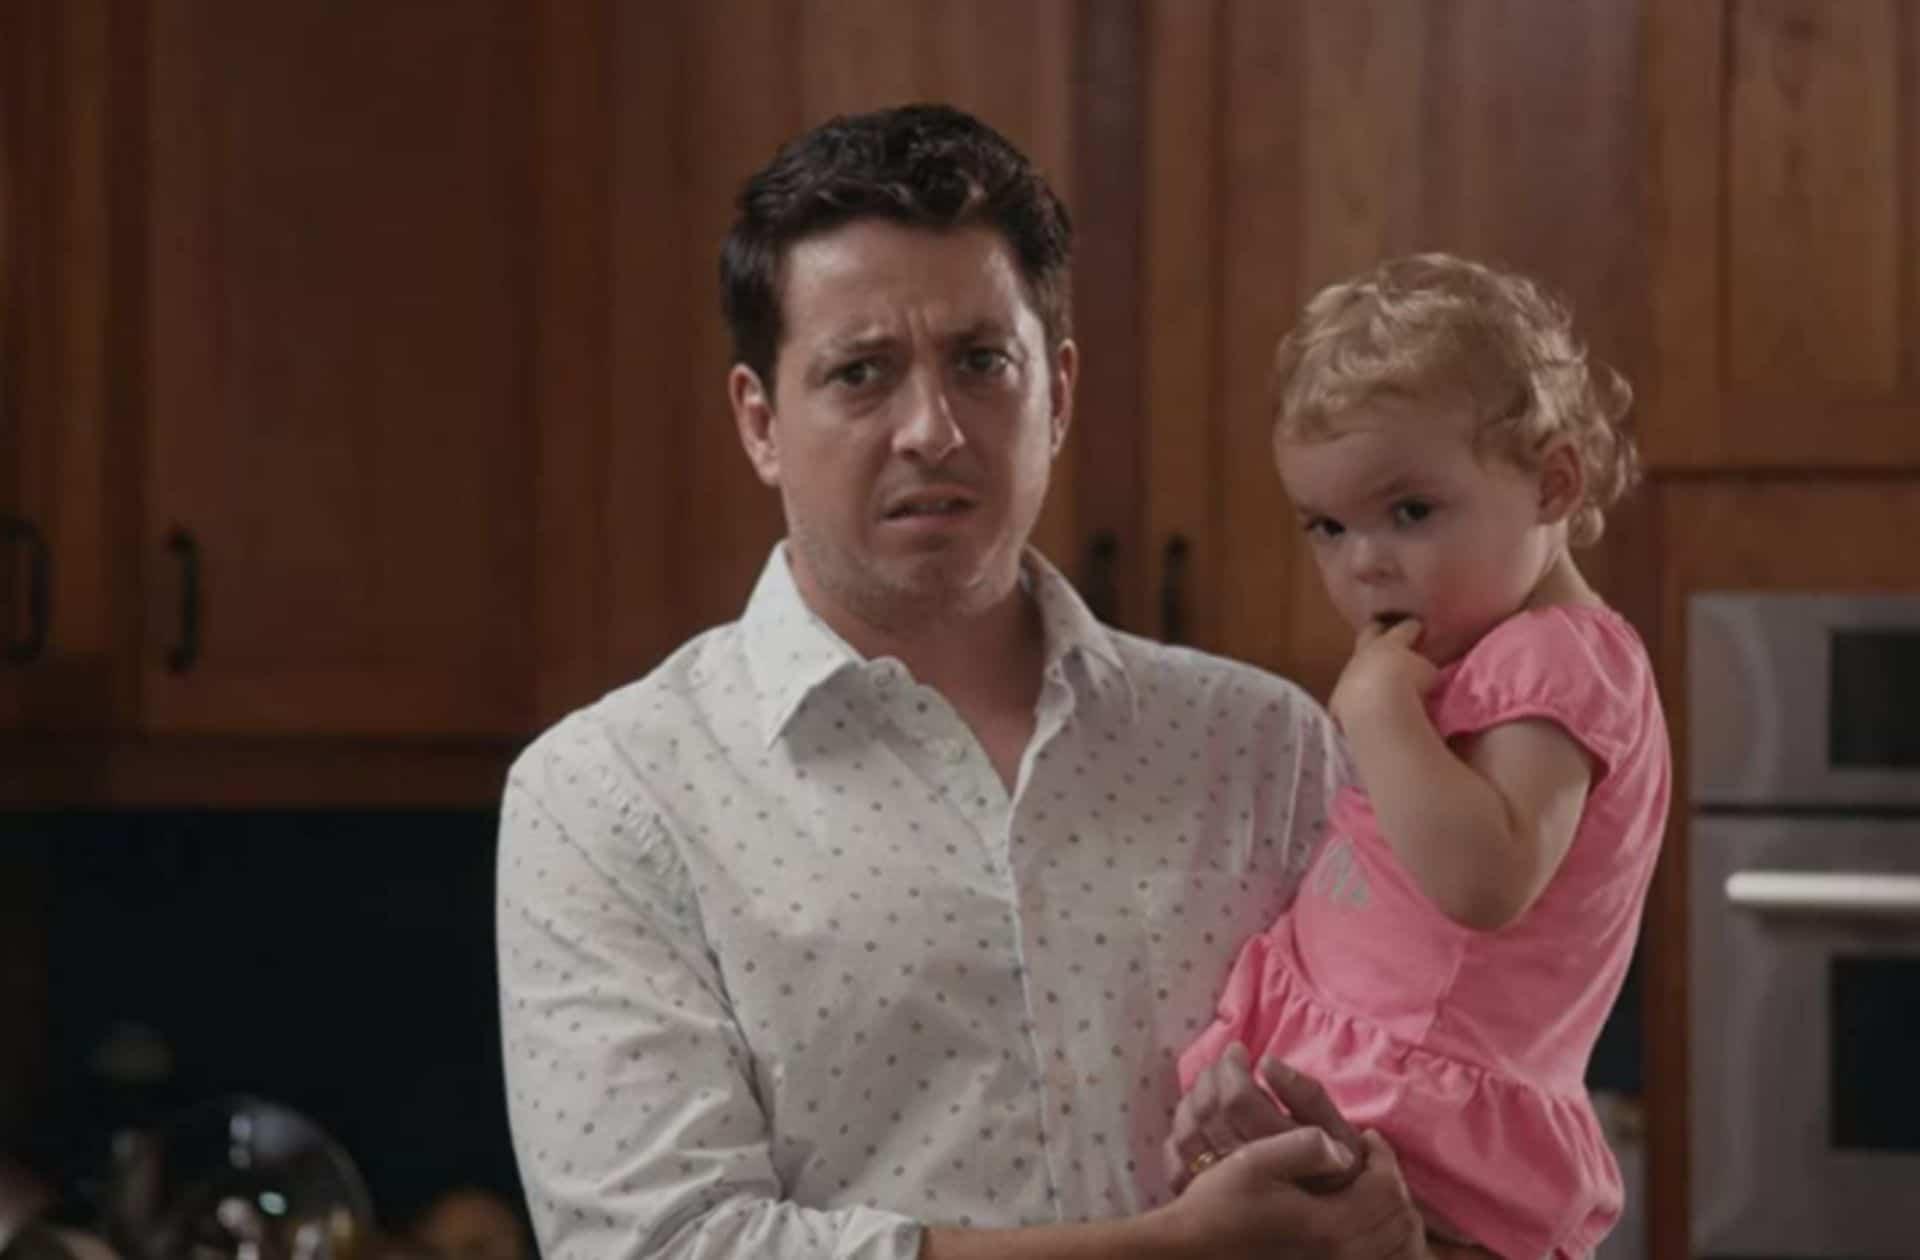 Les hommes s'occupent plus du ménage, mais pas de leurs bébés